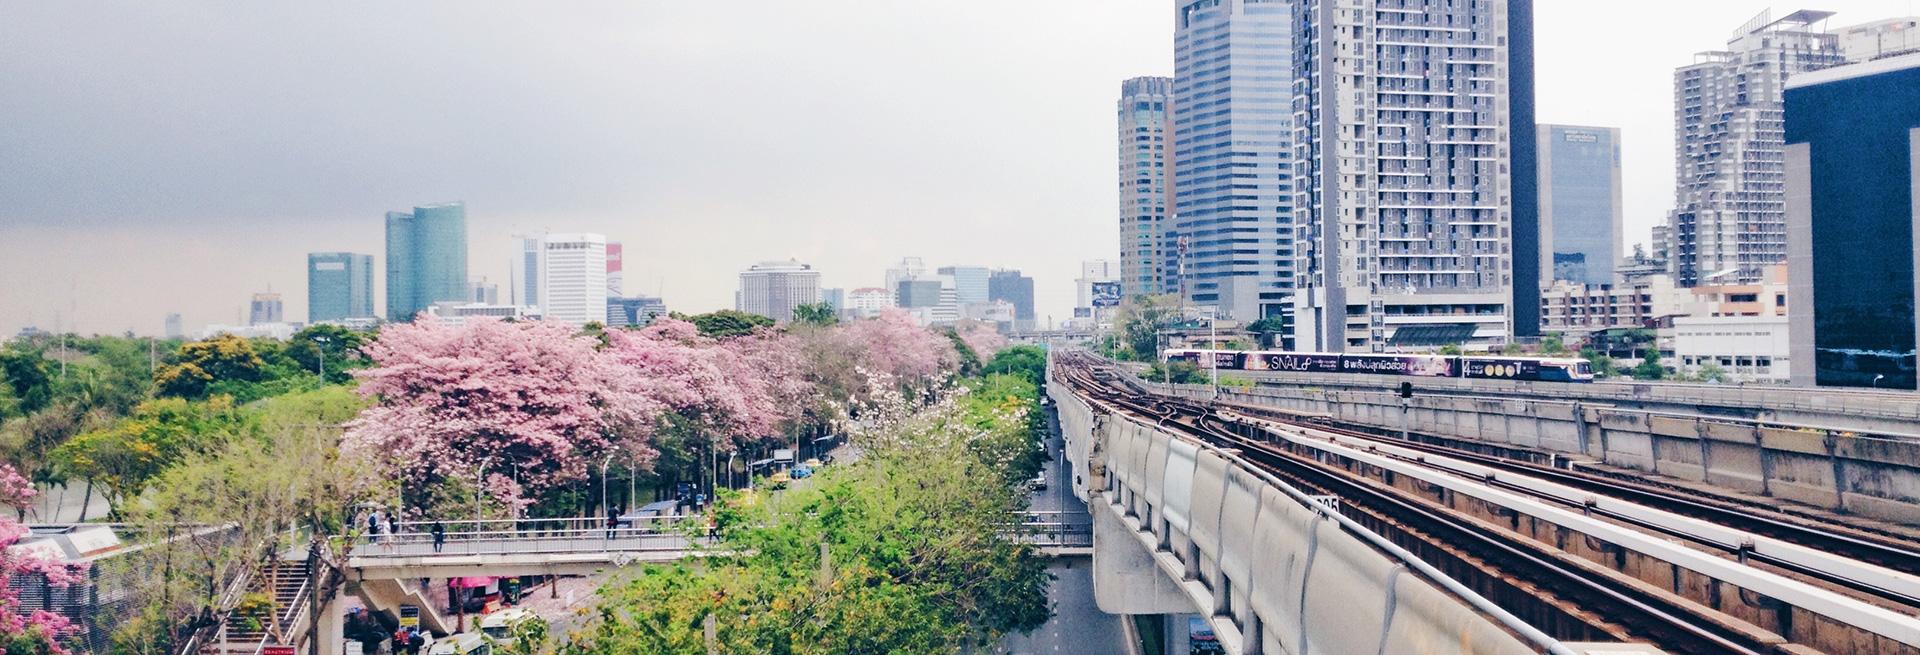 คอนโด สะพานควาย พหลโยธิน หมอชิต ประดิพัทธ์ ทำเลรายล้อม 3 สวนสาธารณะ เติมเต็มการเดินทางด้วยรถไฟฟ้า